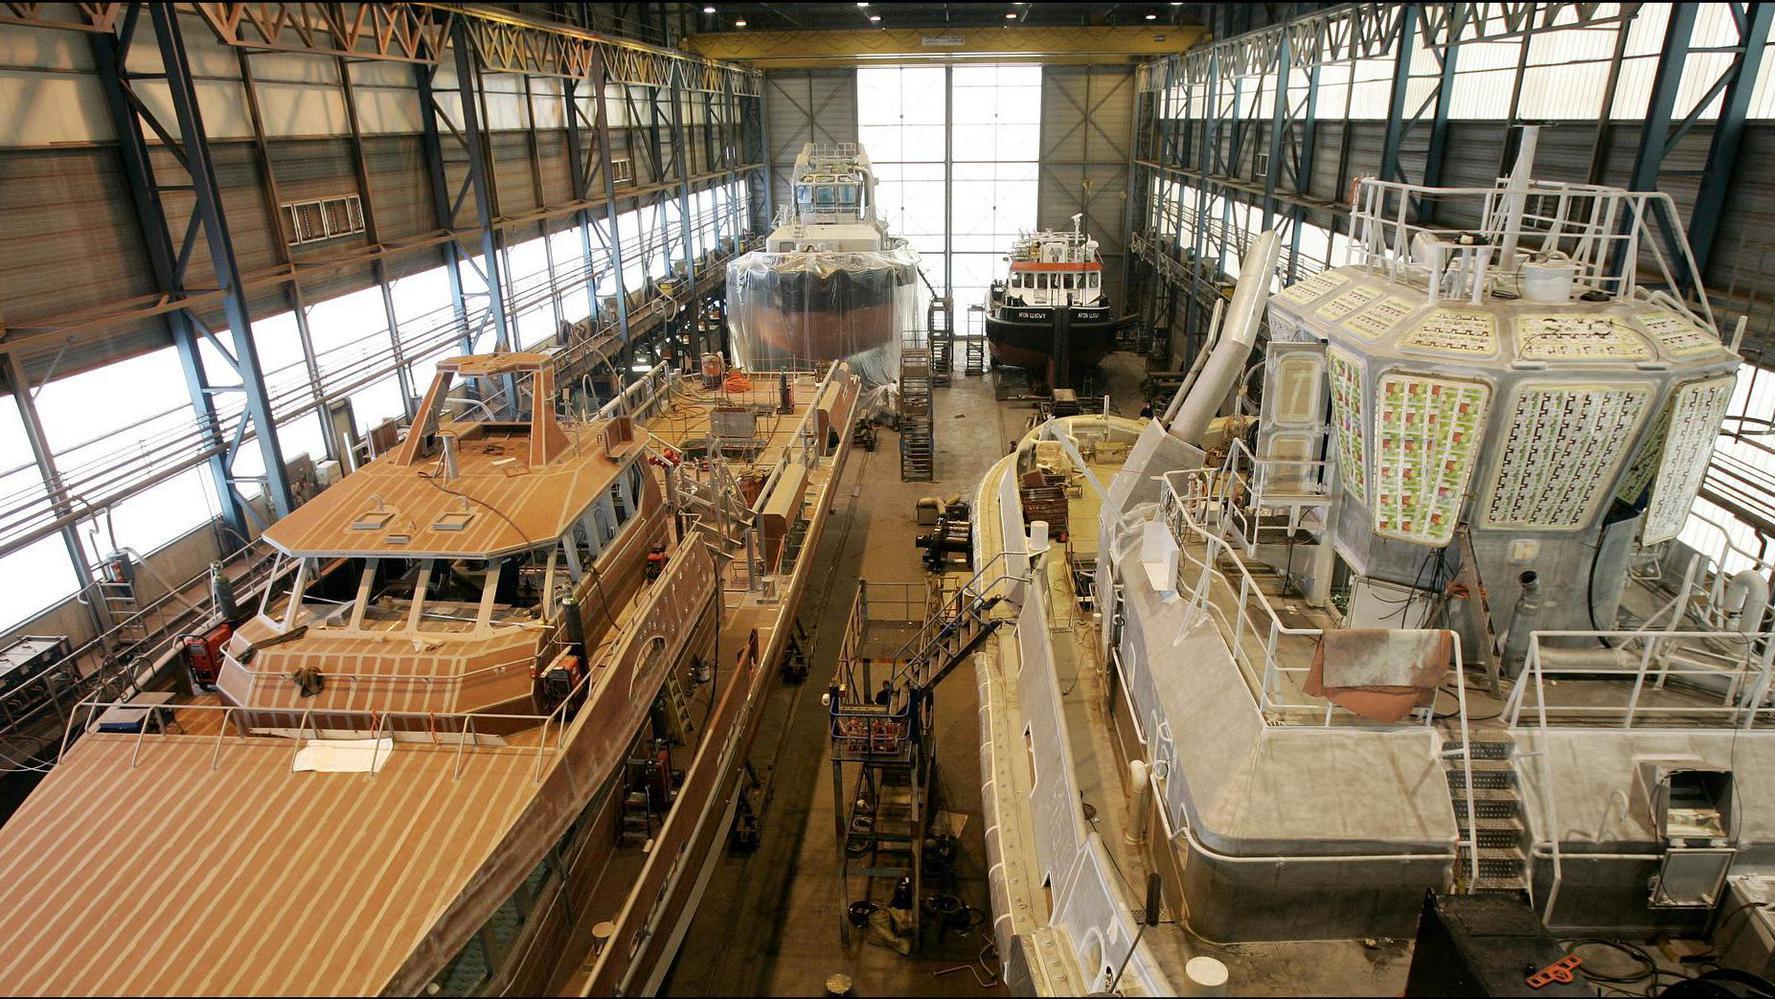 De scheepswerf van Damen Shipyards in Gorinchem. Foto: Lex van Lieshout / ANP